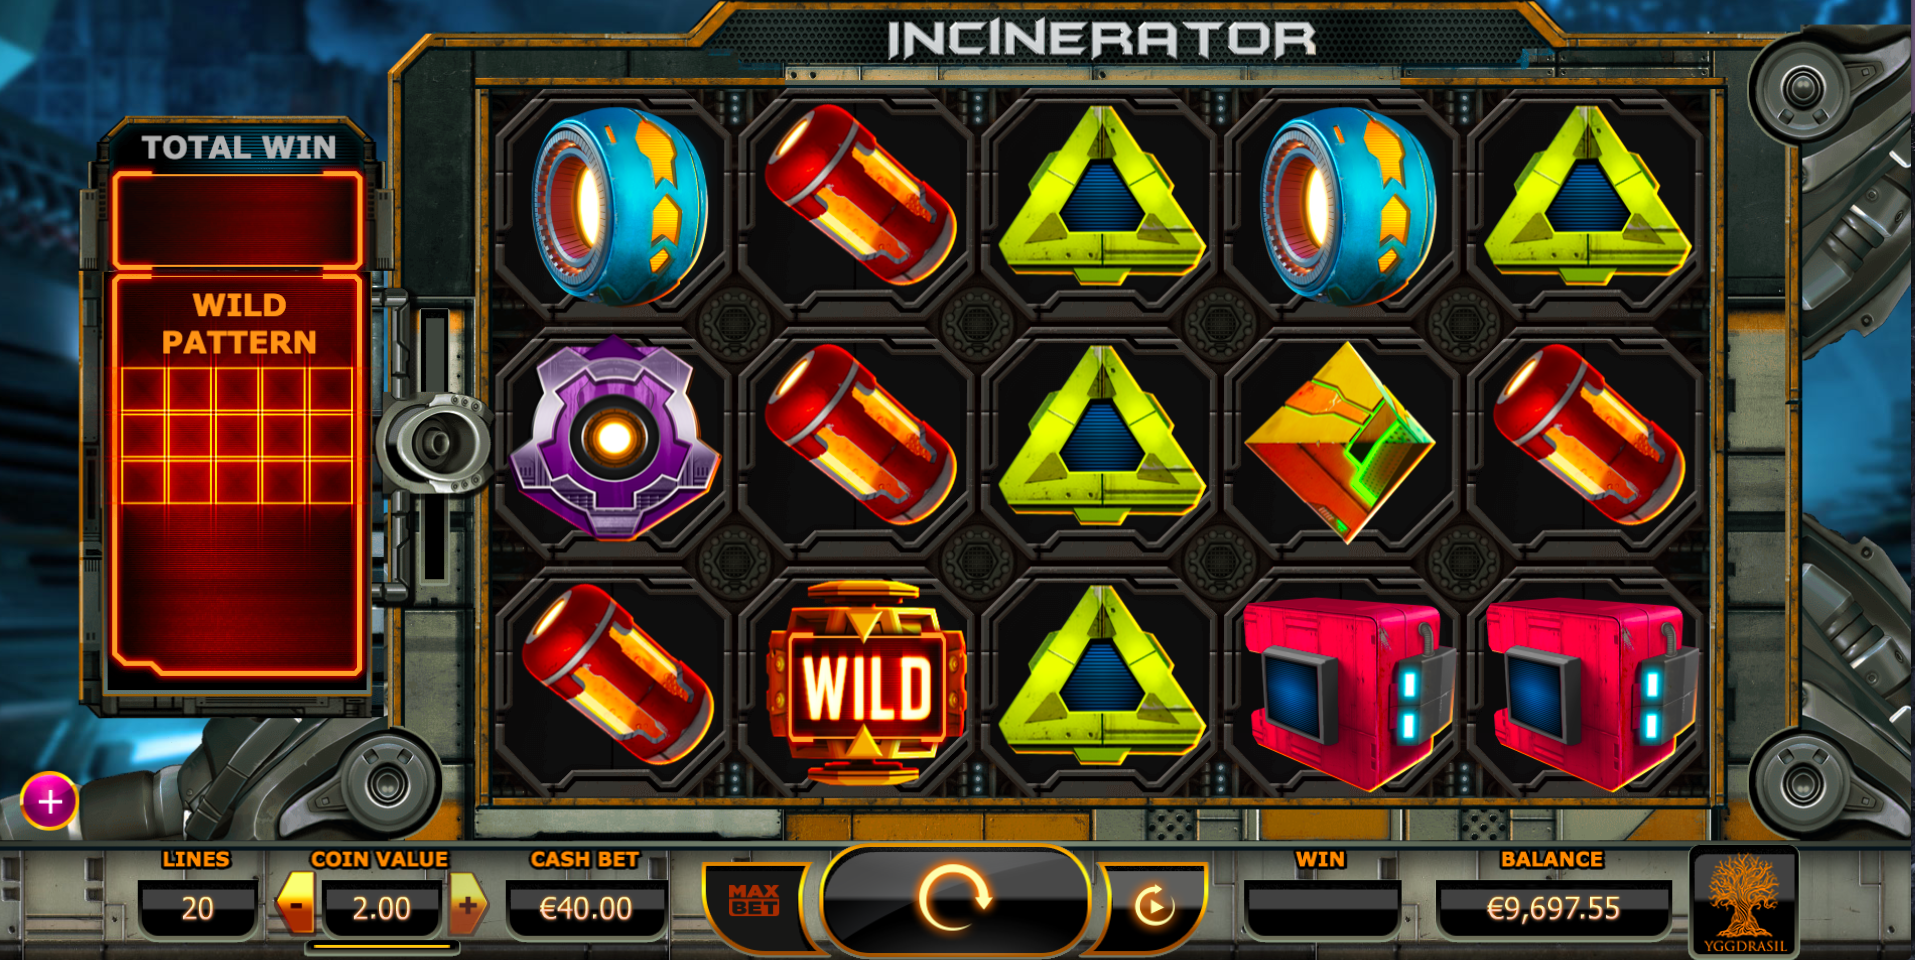 incinerator svenska casino